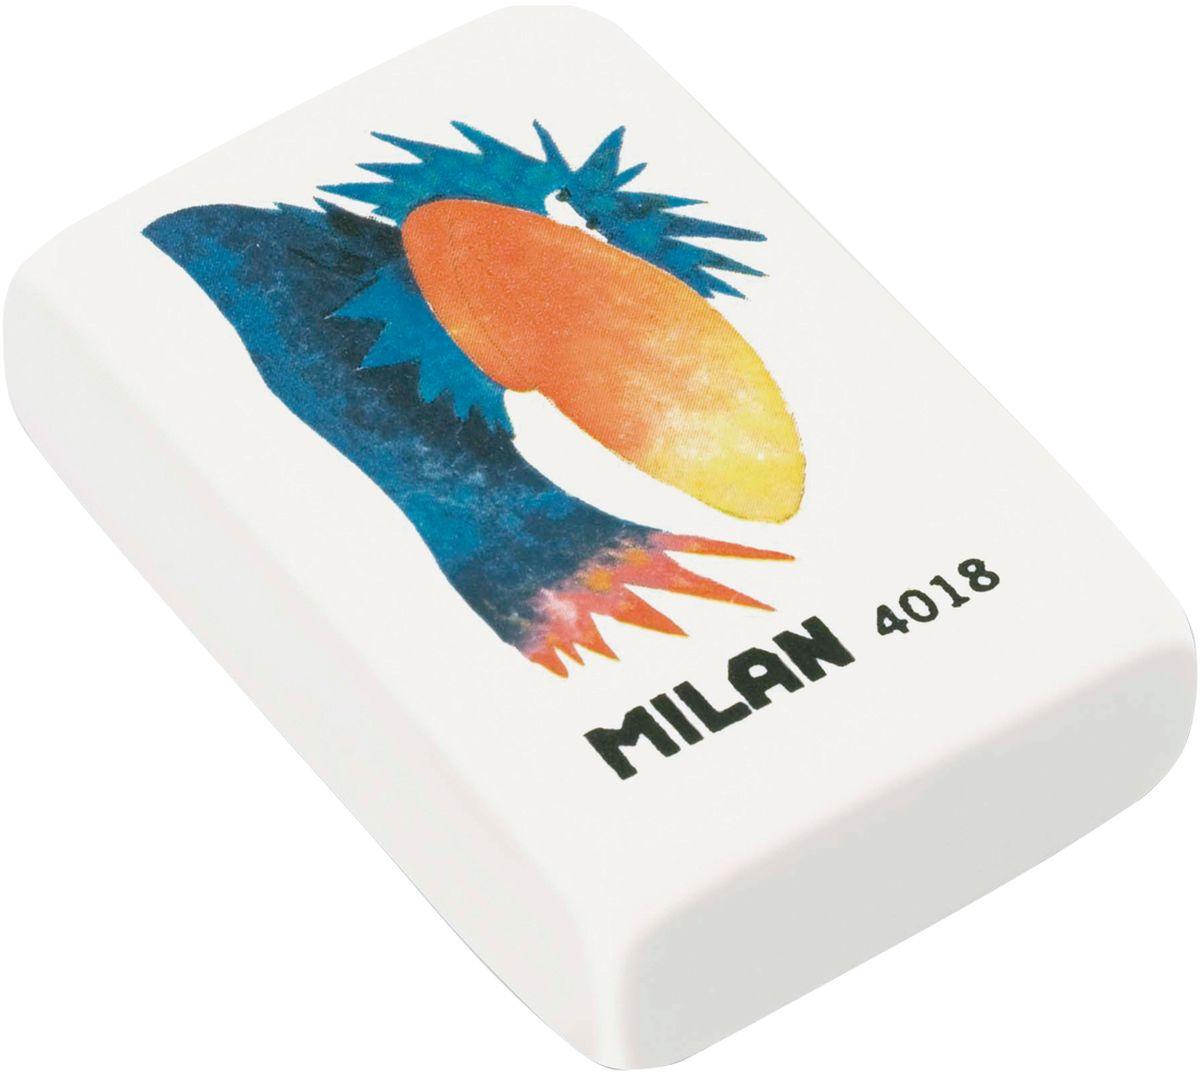 Milan Ластик 4018CMM4018Фирменный дизайн ластика от Milan в классической форме с изображением веселых анимационных персонажей. Великолепное абсорбирующее свойства, бережное отношение к поверхности бумаги. Уважаемые клиенты! Обращаем ваше внимание, что картинки на товаре могут изменяться в зависимости от поступления на склад.